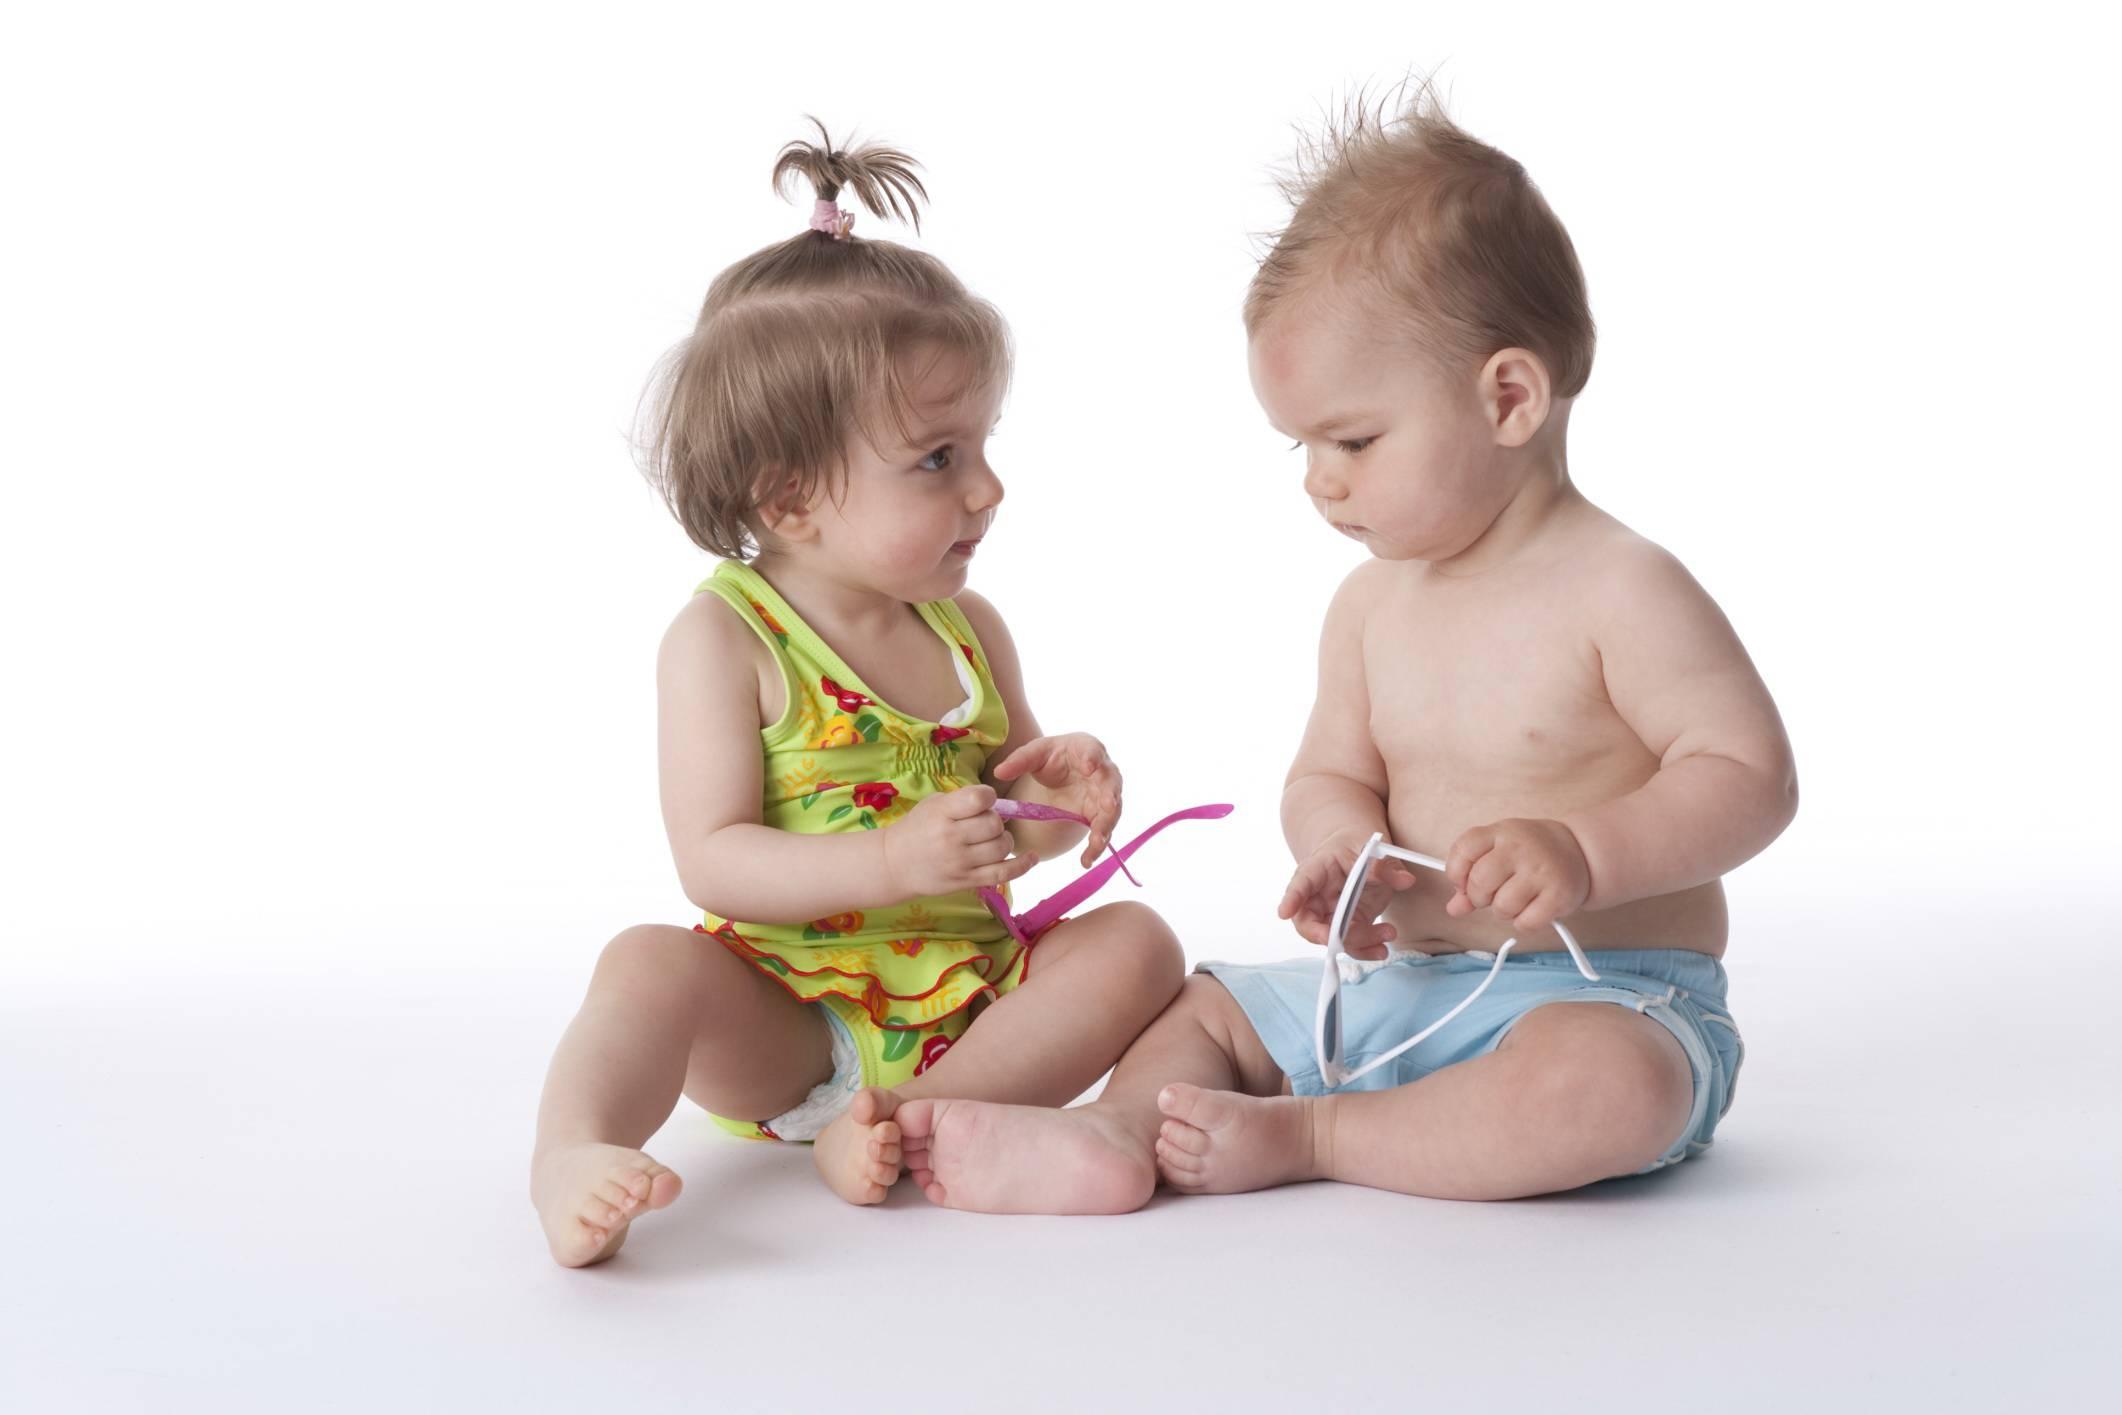 Un bambino e una bambina sembrano parlare tra di loro